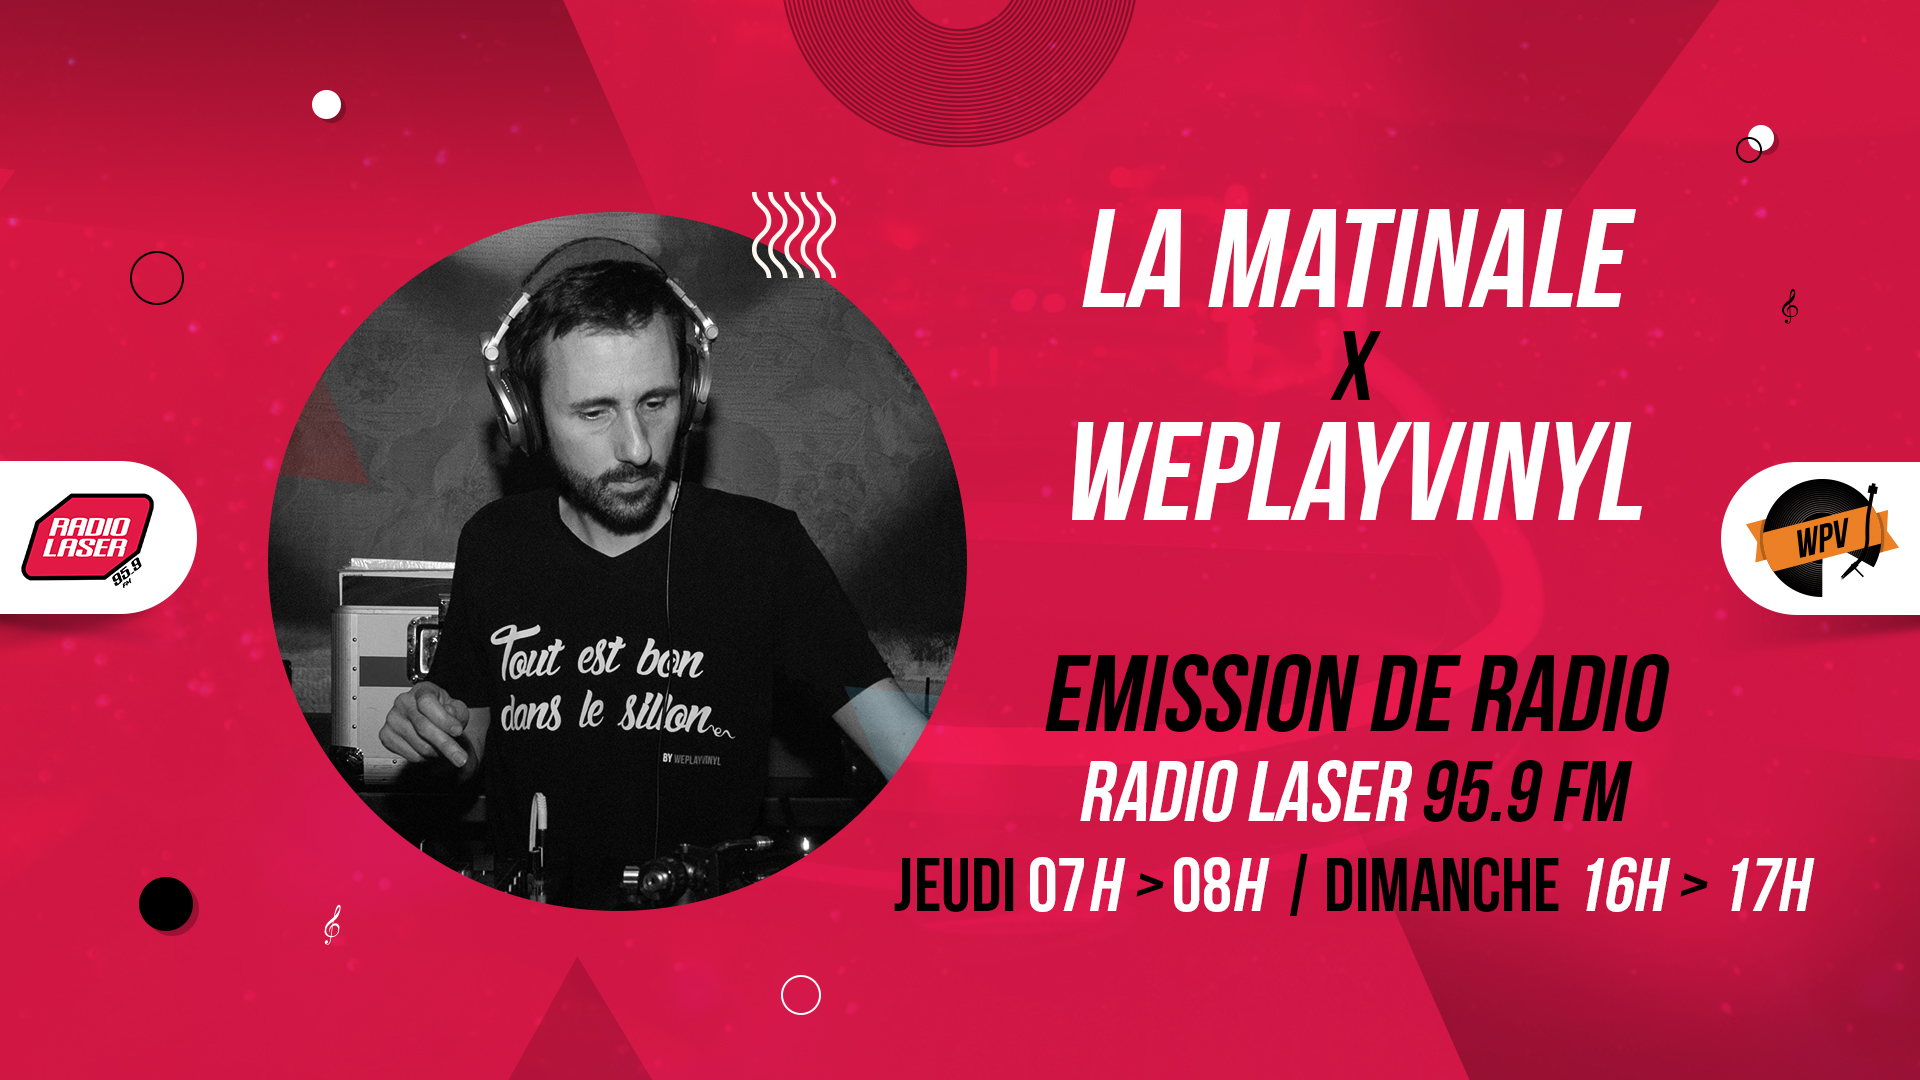 La matinale - Emission de radio - Radio laser - Arno